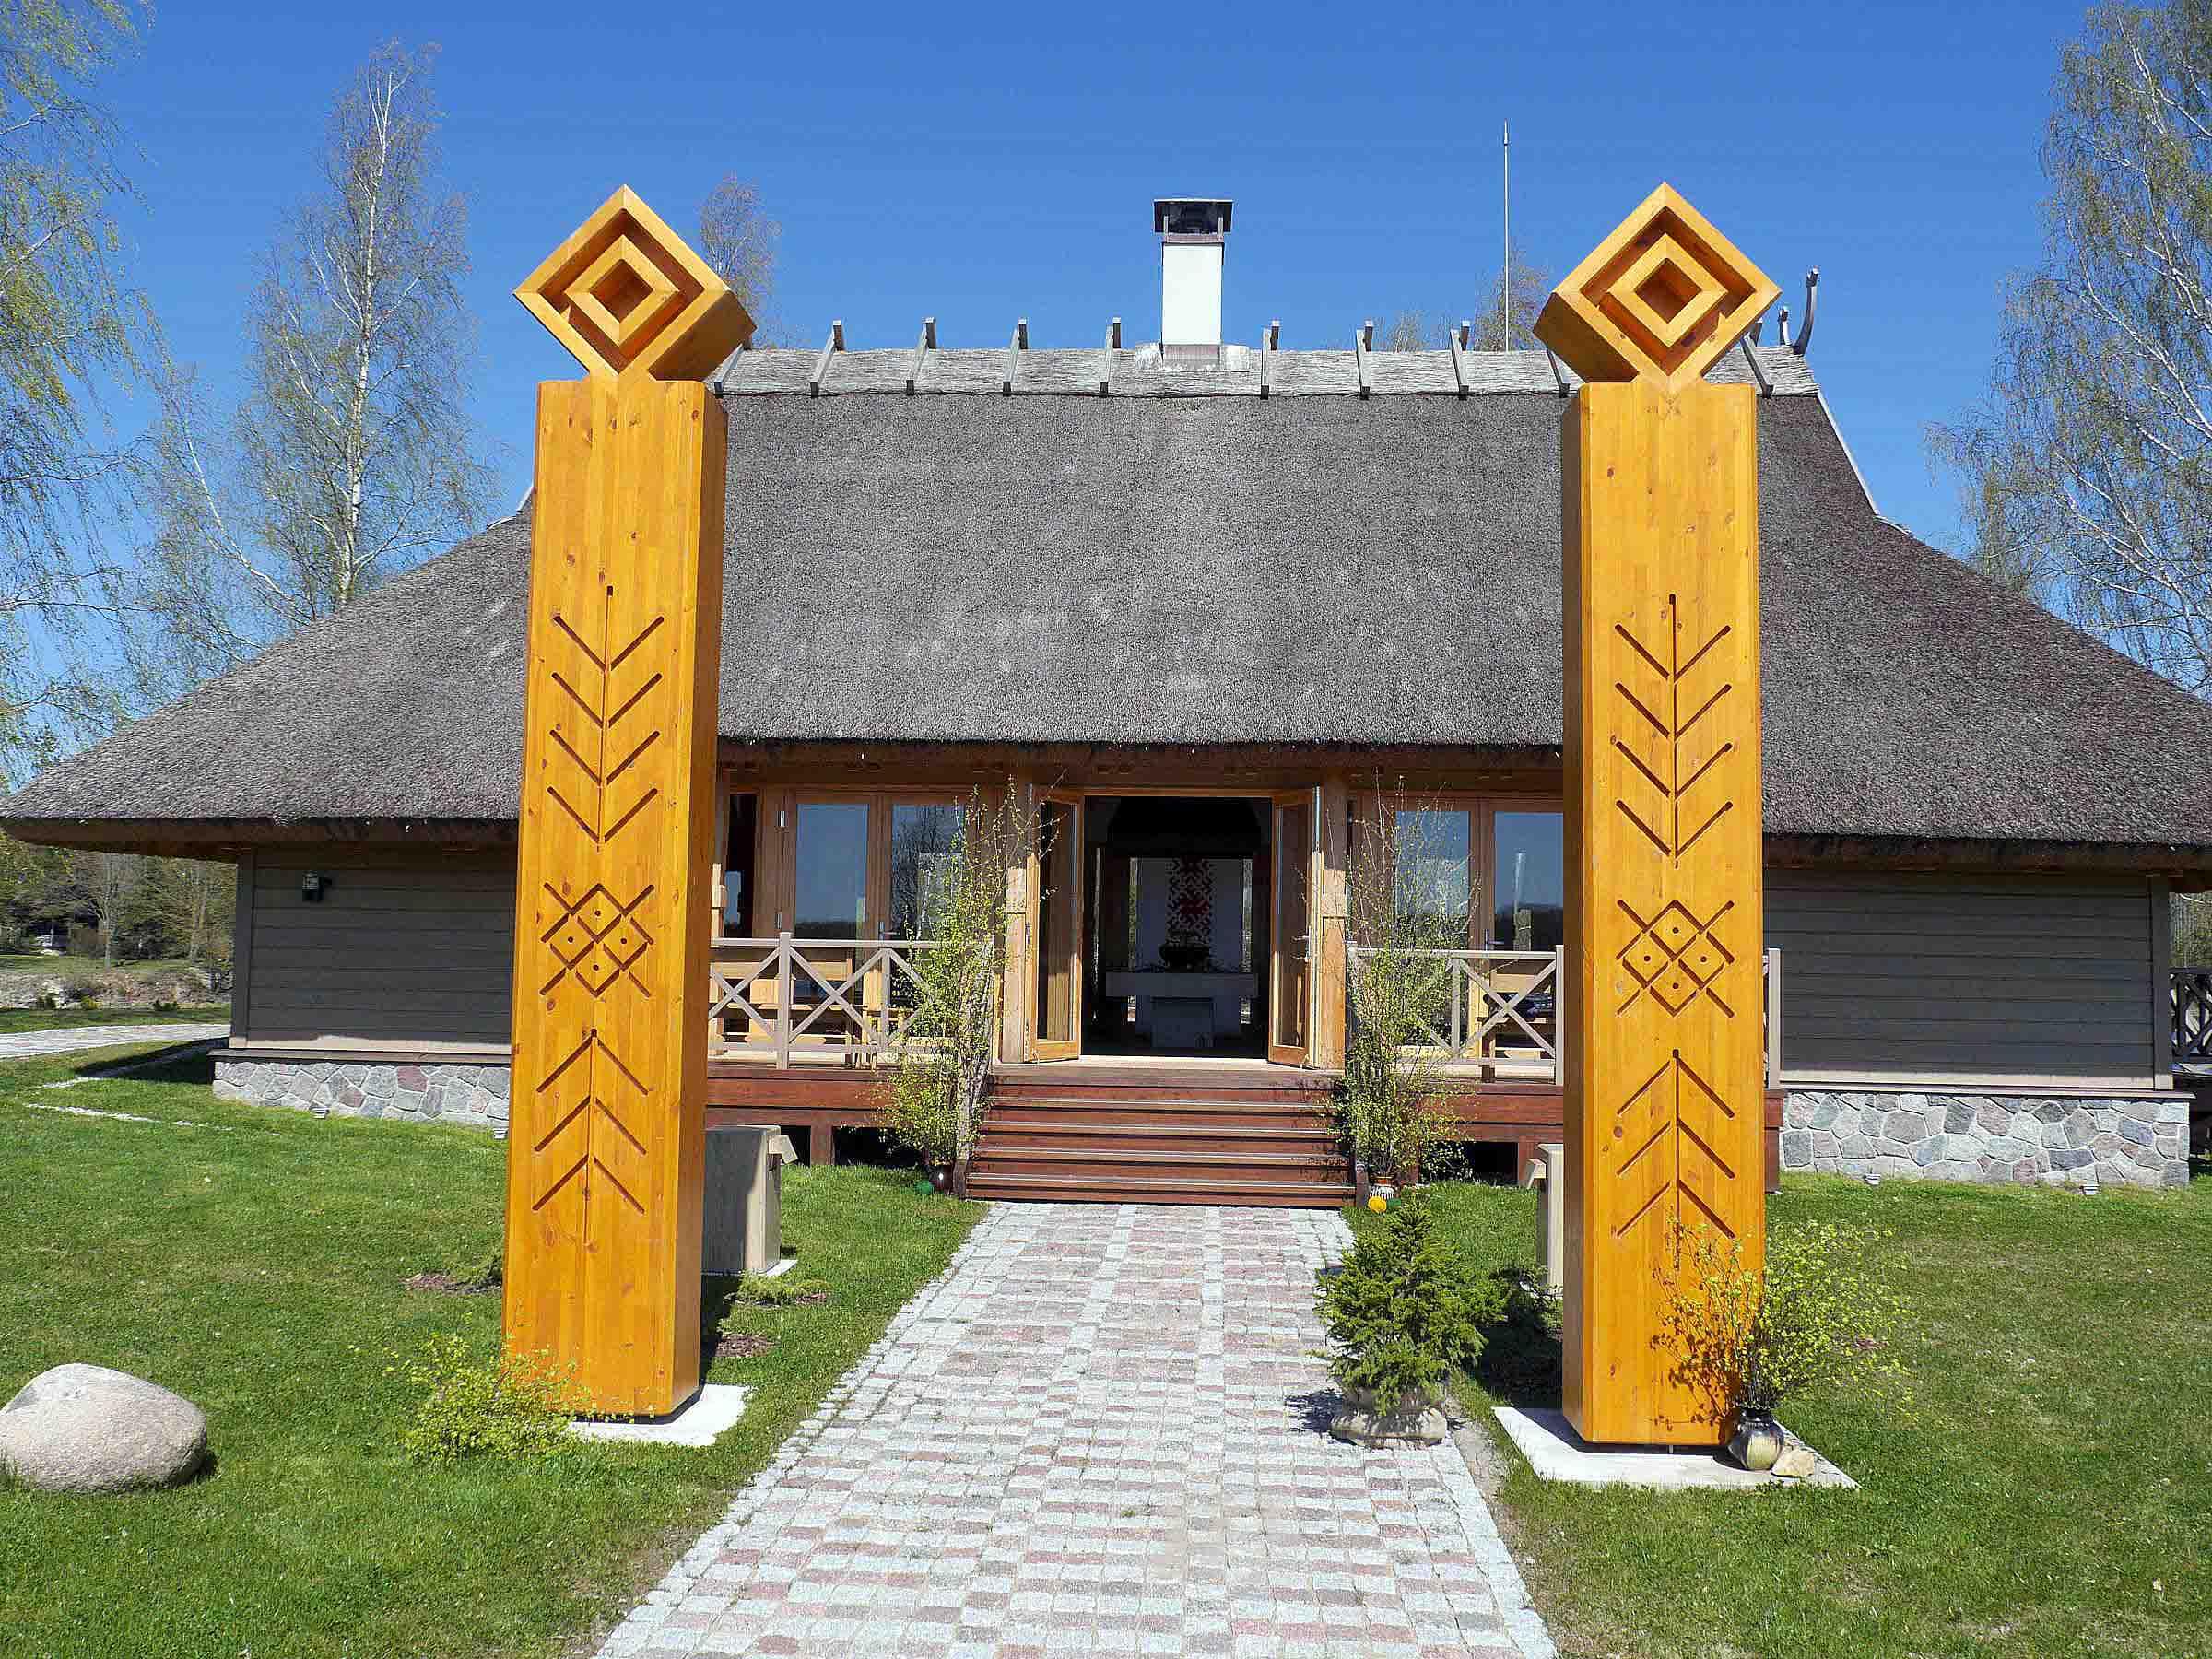 Naujoji šventykla | Alkas.lt, J. Vaiškūno nuotr.